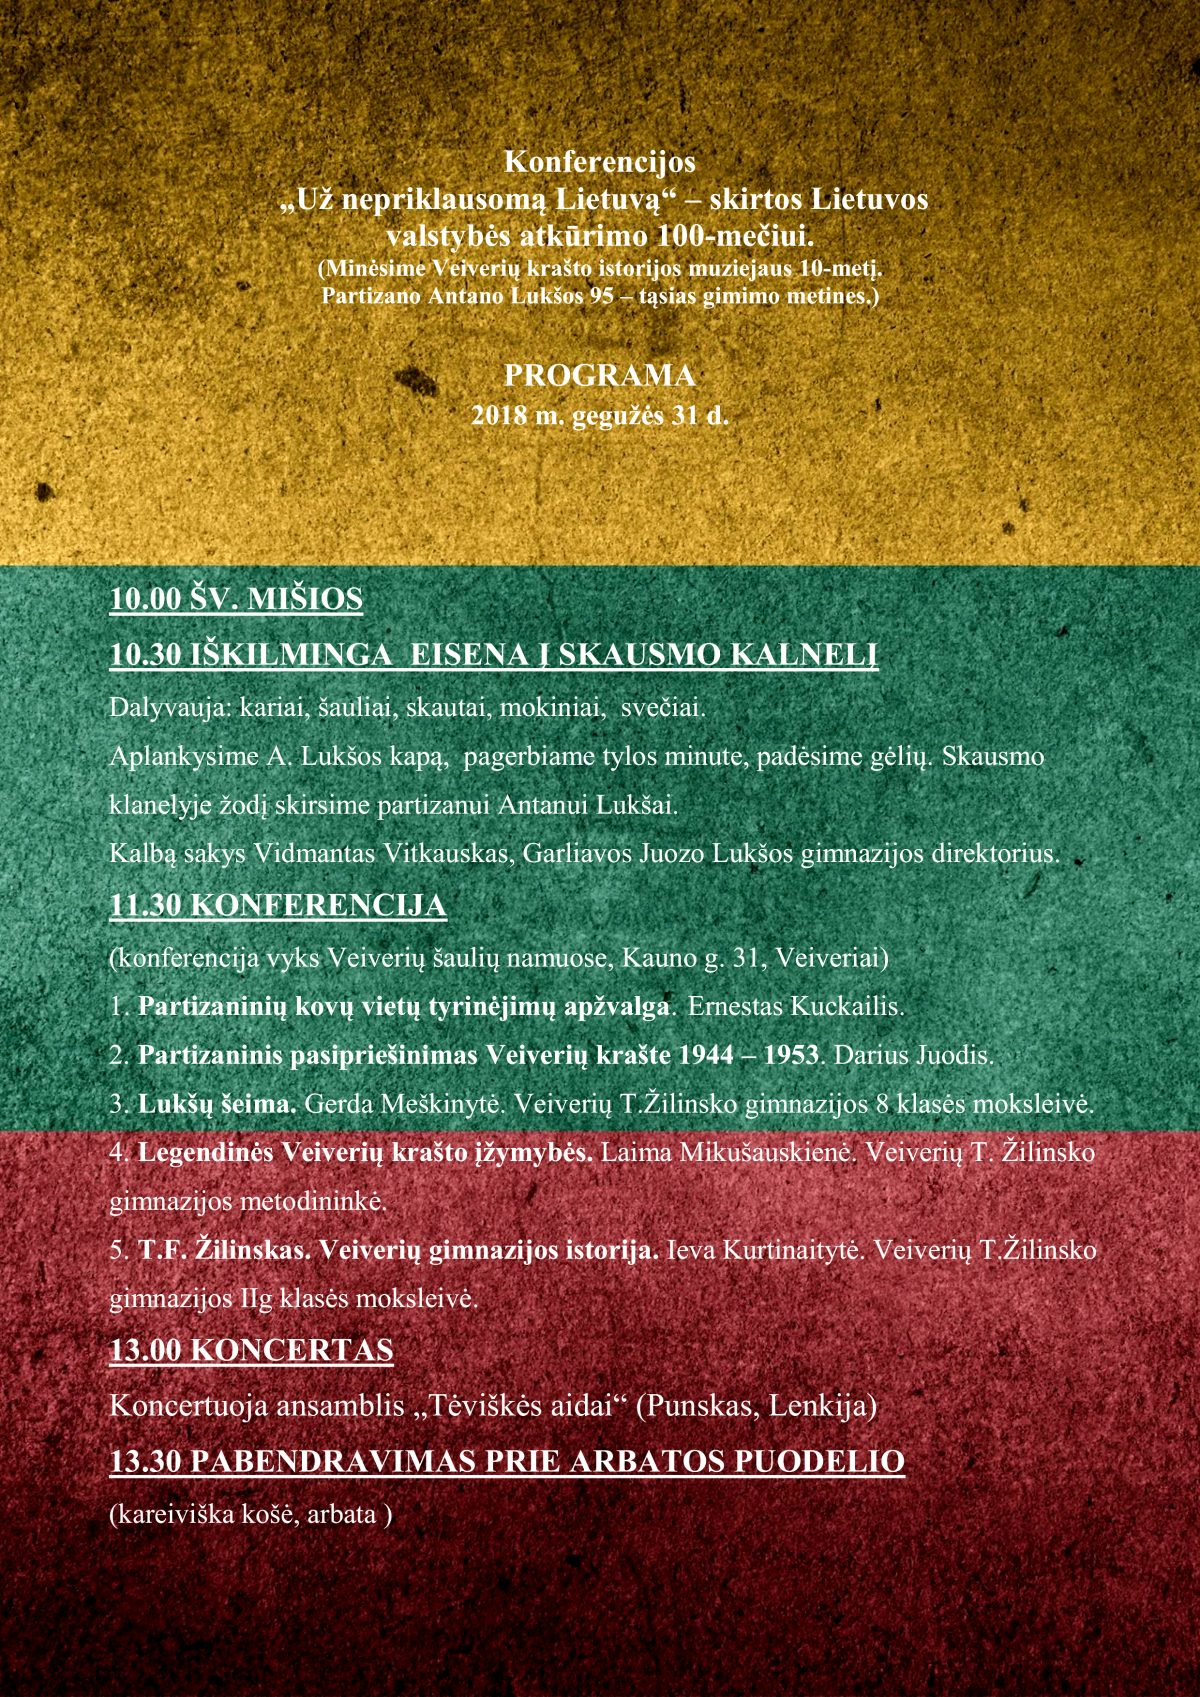 _Programa_Už nepriklausomą Lietuvą